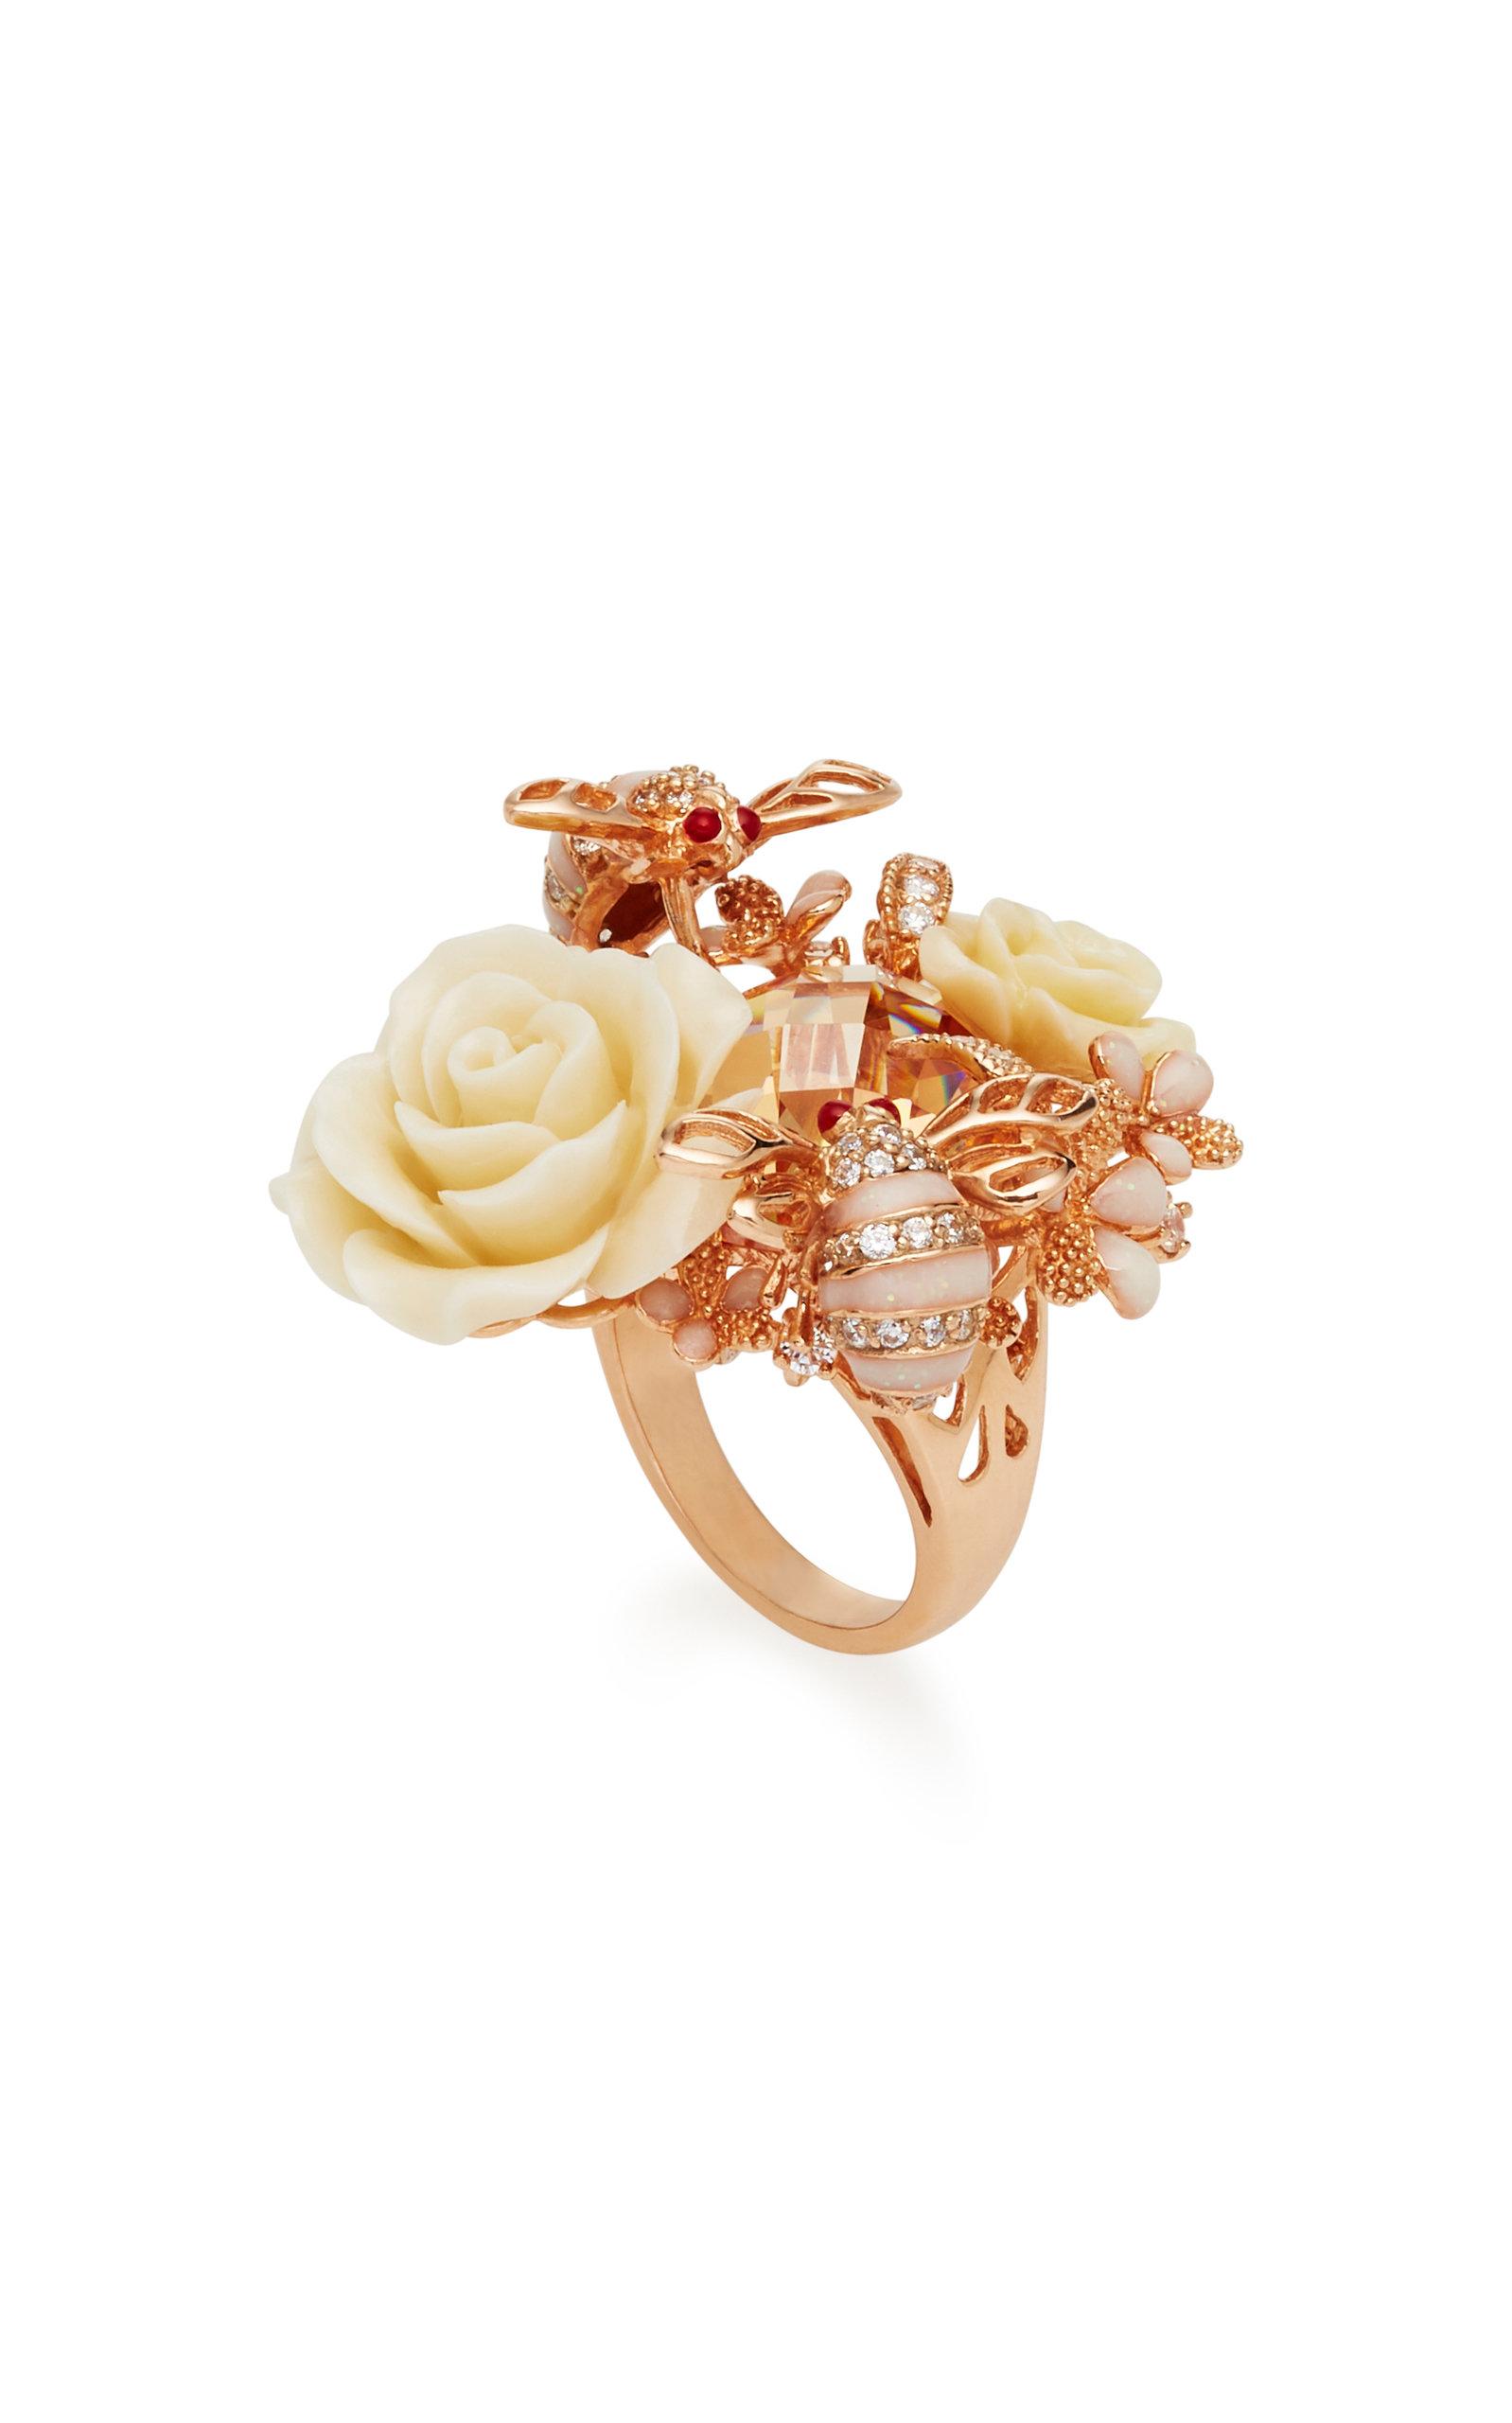 Bumble Rose 18K Gold Diamonds And Enamel Ring Anabela Chan 1idEnk